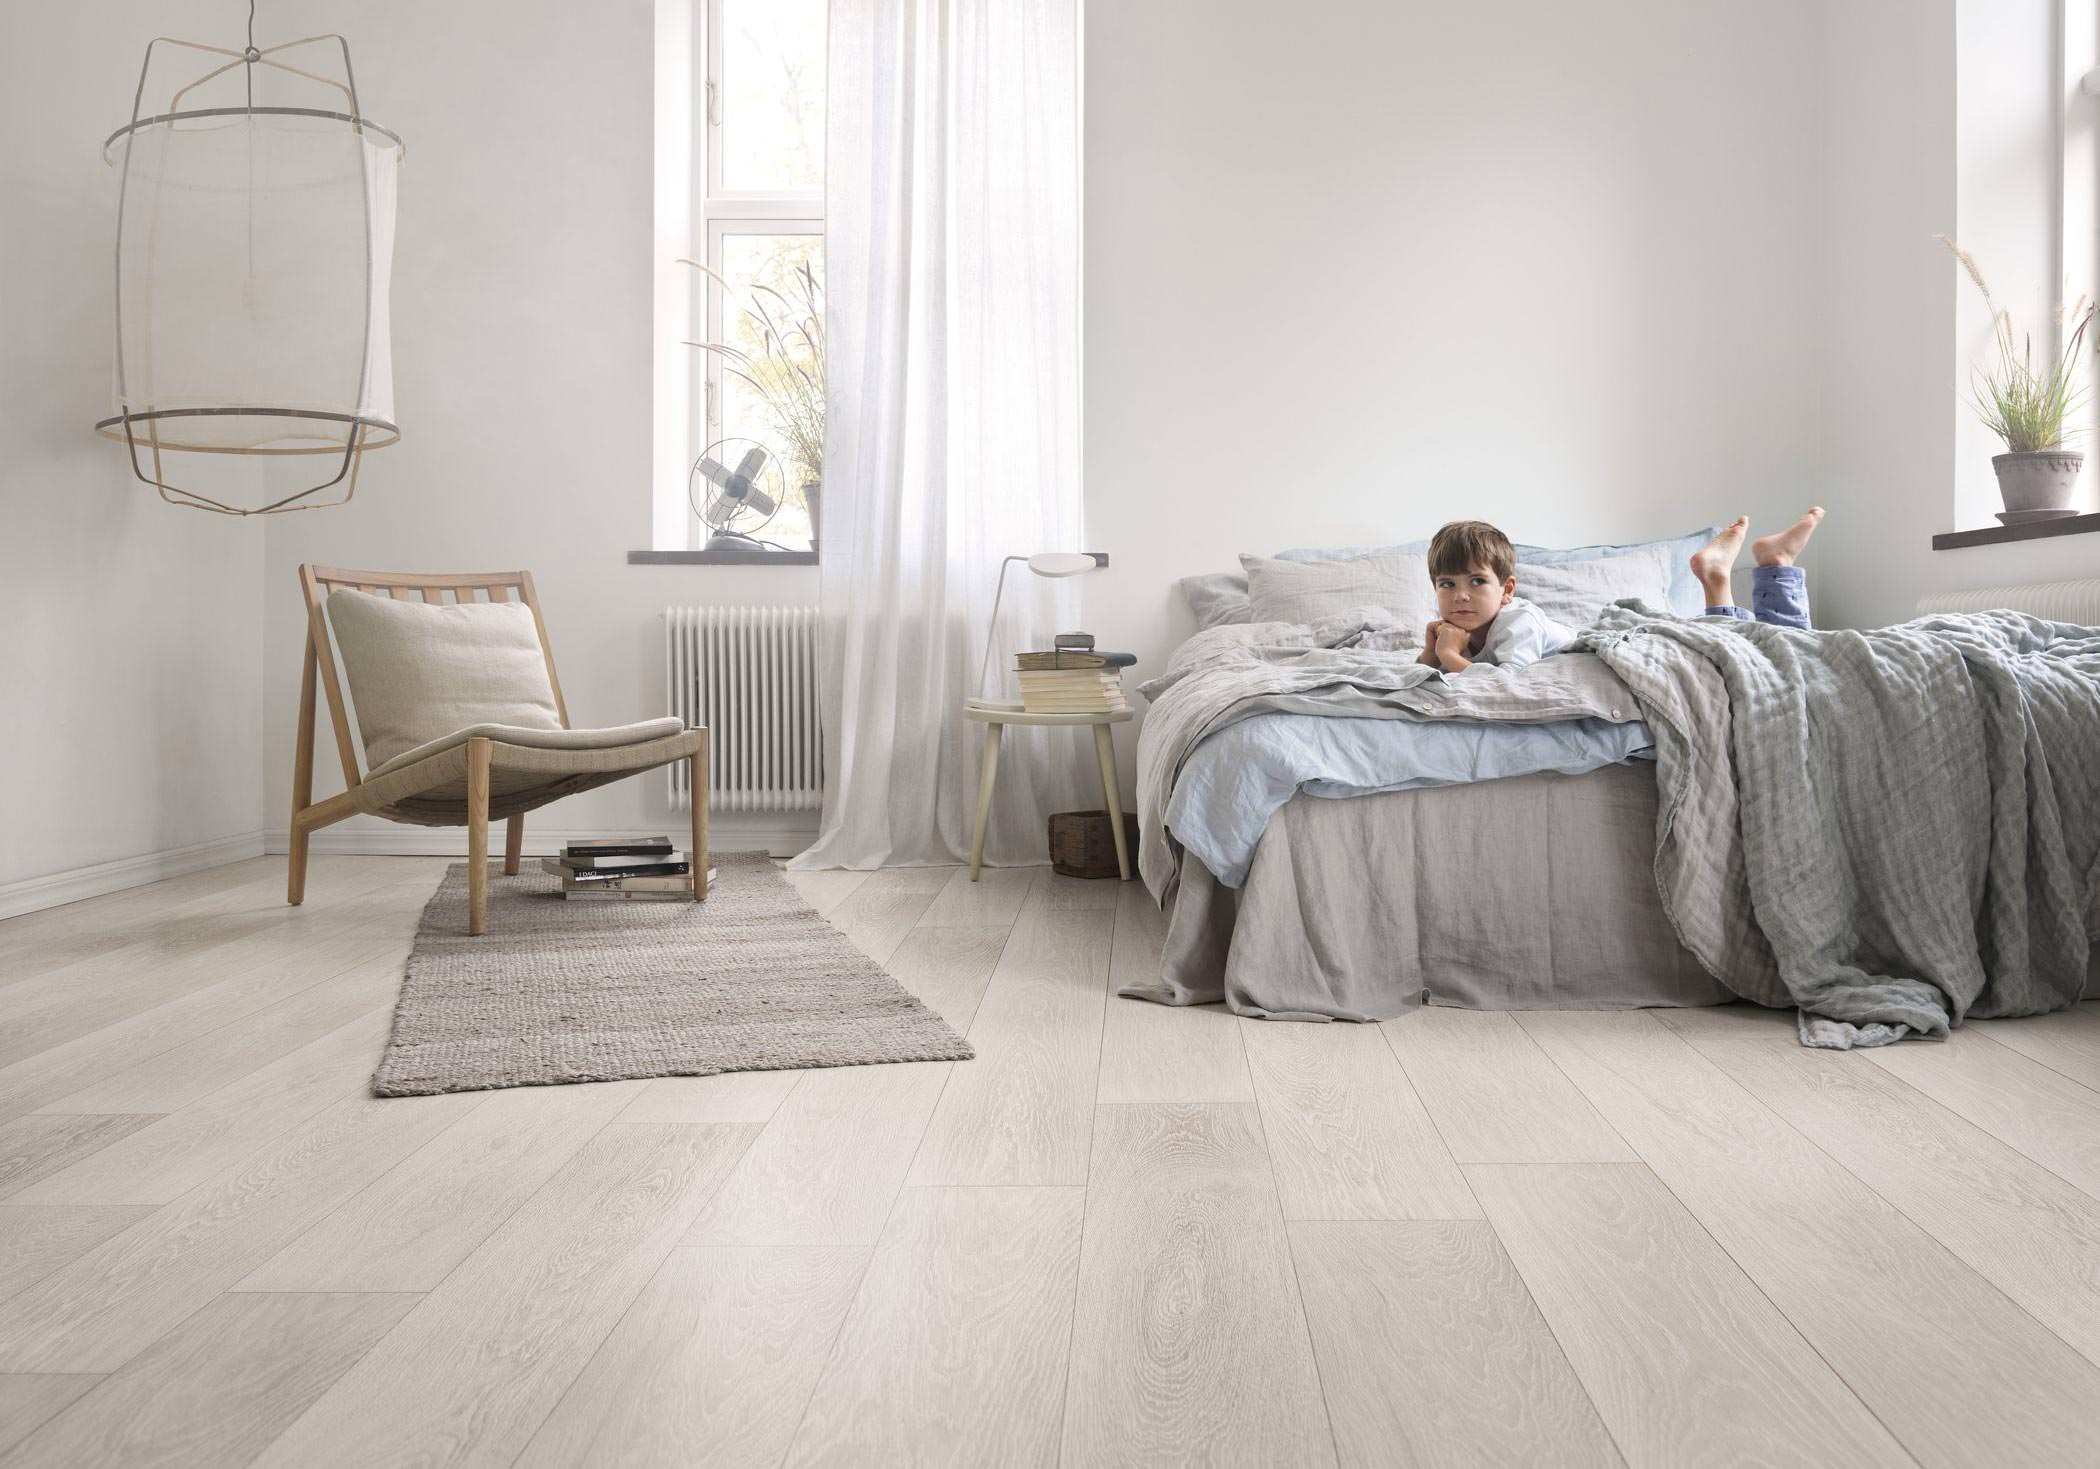 Häufig Holzboden renovieren statt rausreißen VK71